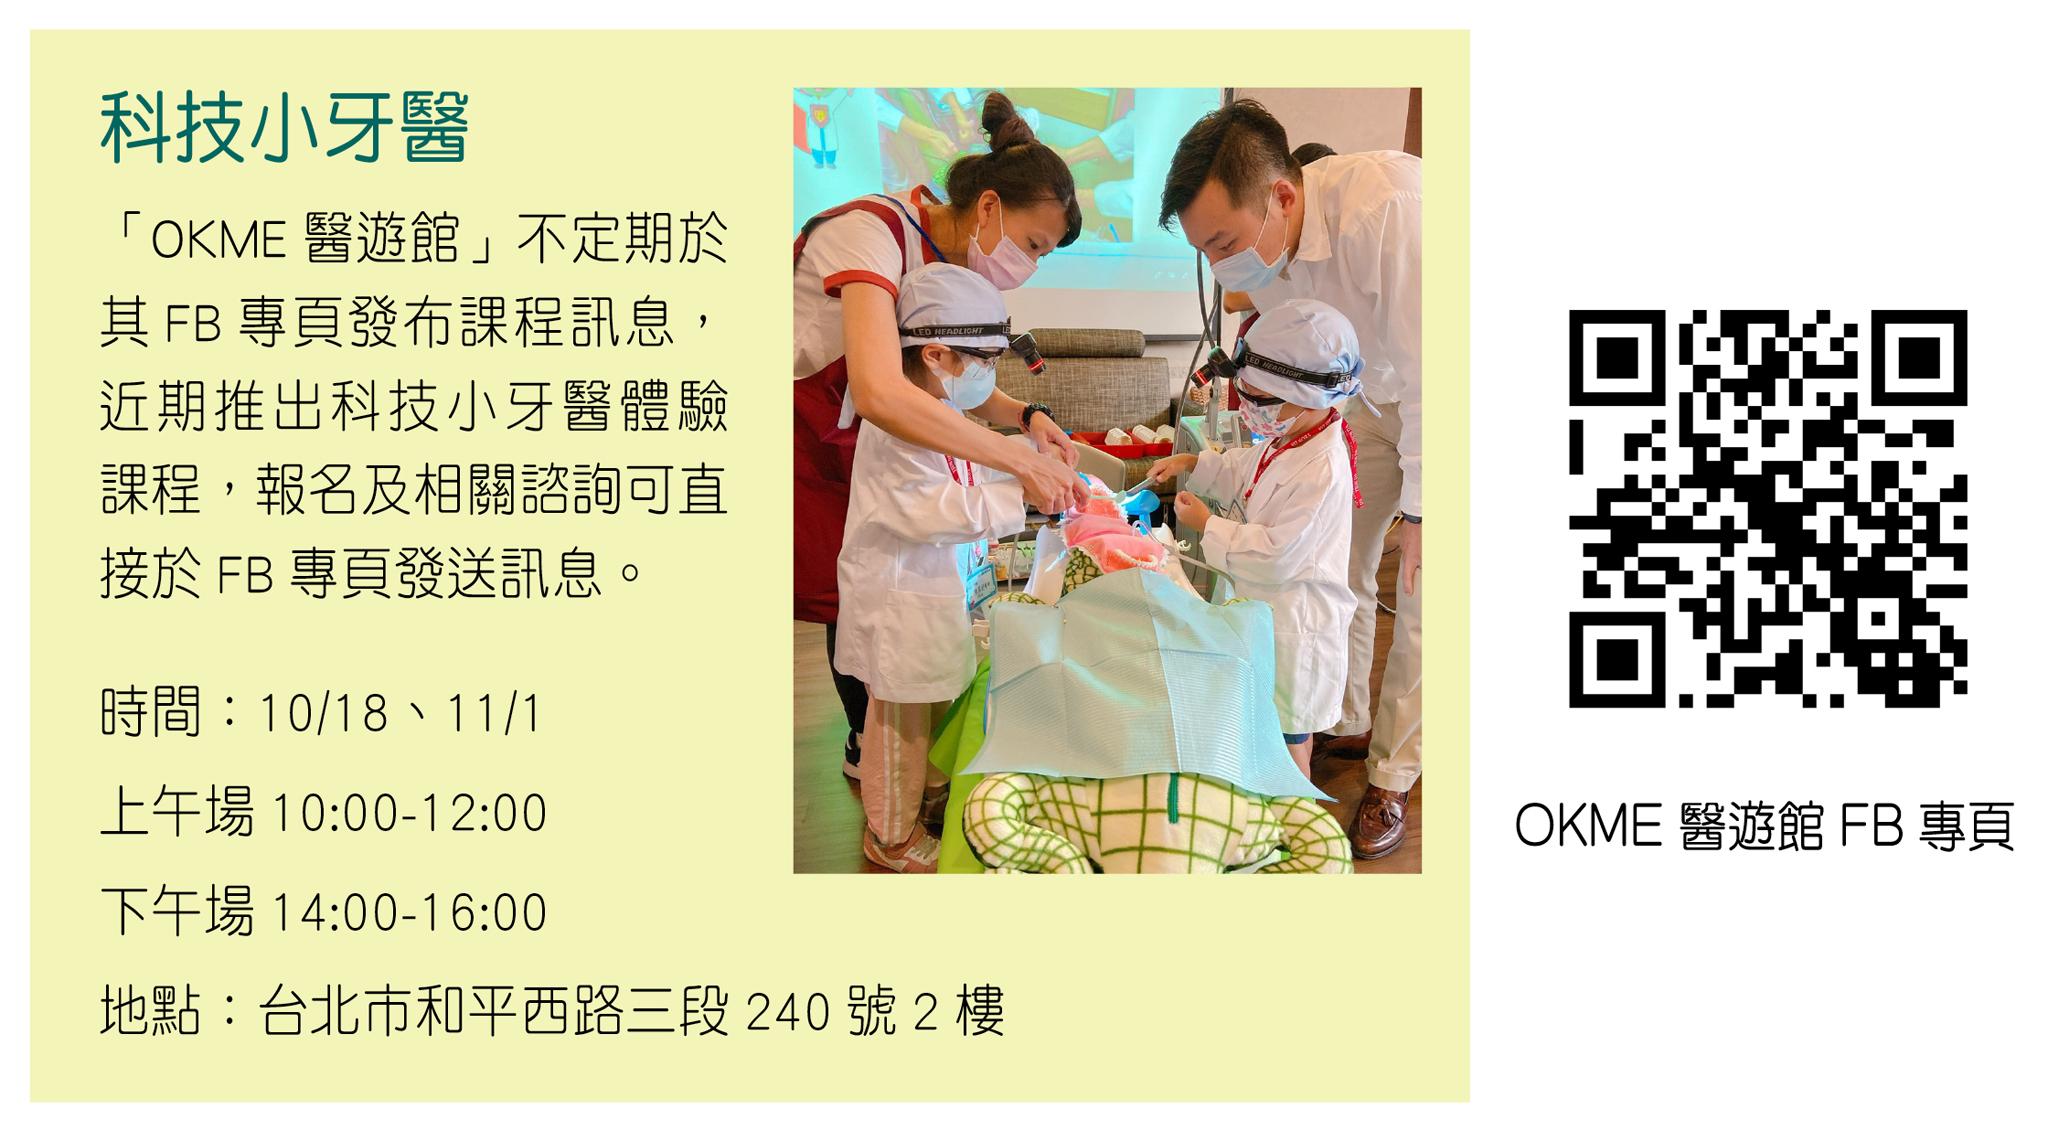 科技小牙醫「OKME醫遊館」不定期於其FB專頁發布課程訊息。